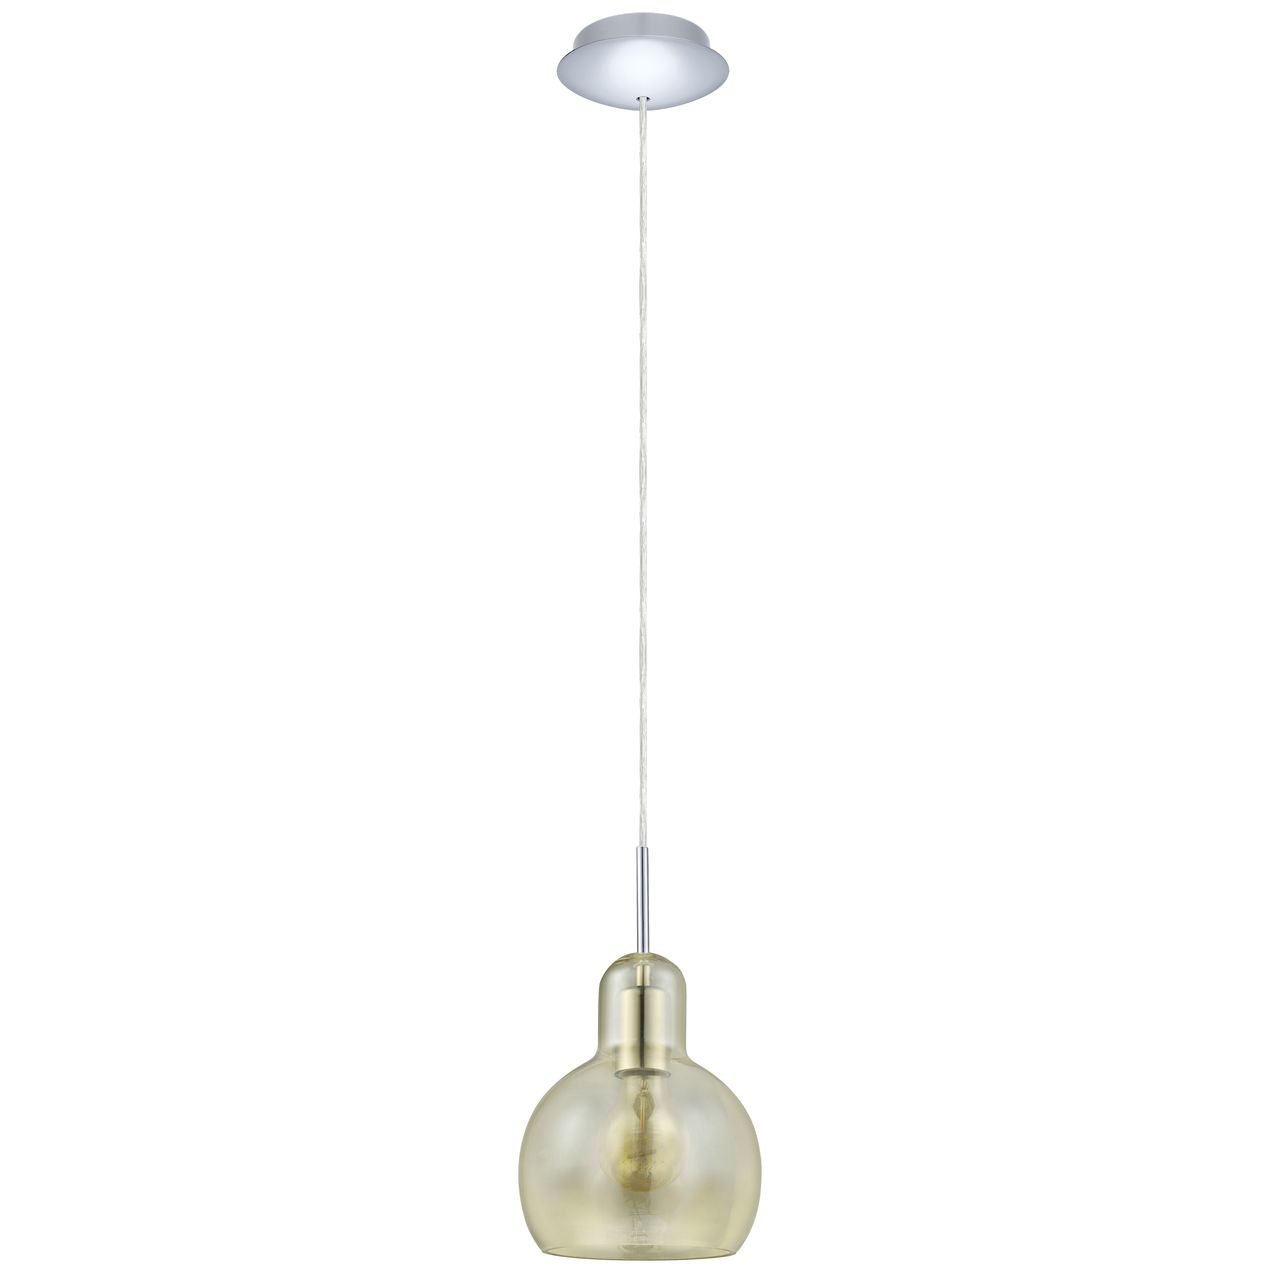 Подвесной светильник Eglo Vintage 49267 подвесной светильник eglo vintage 49239